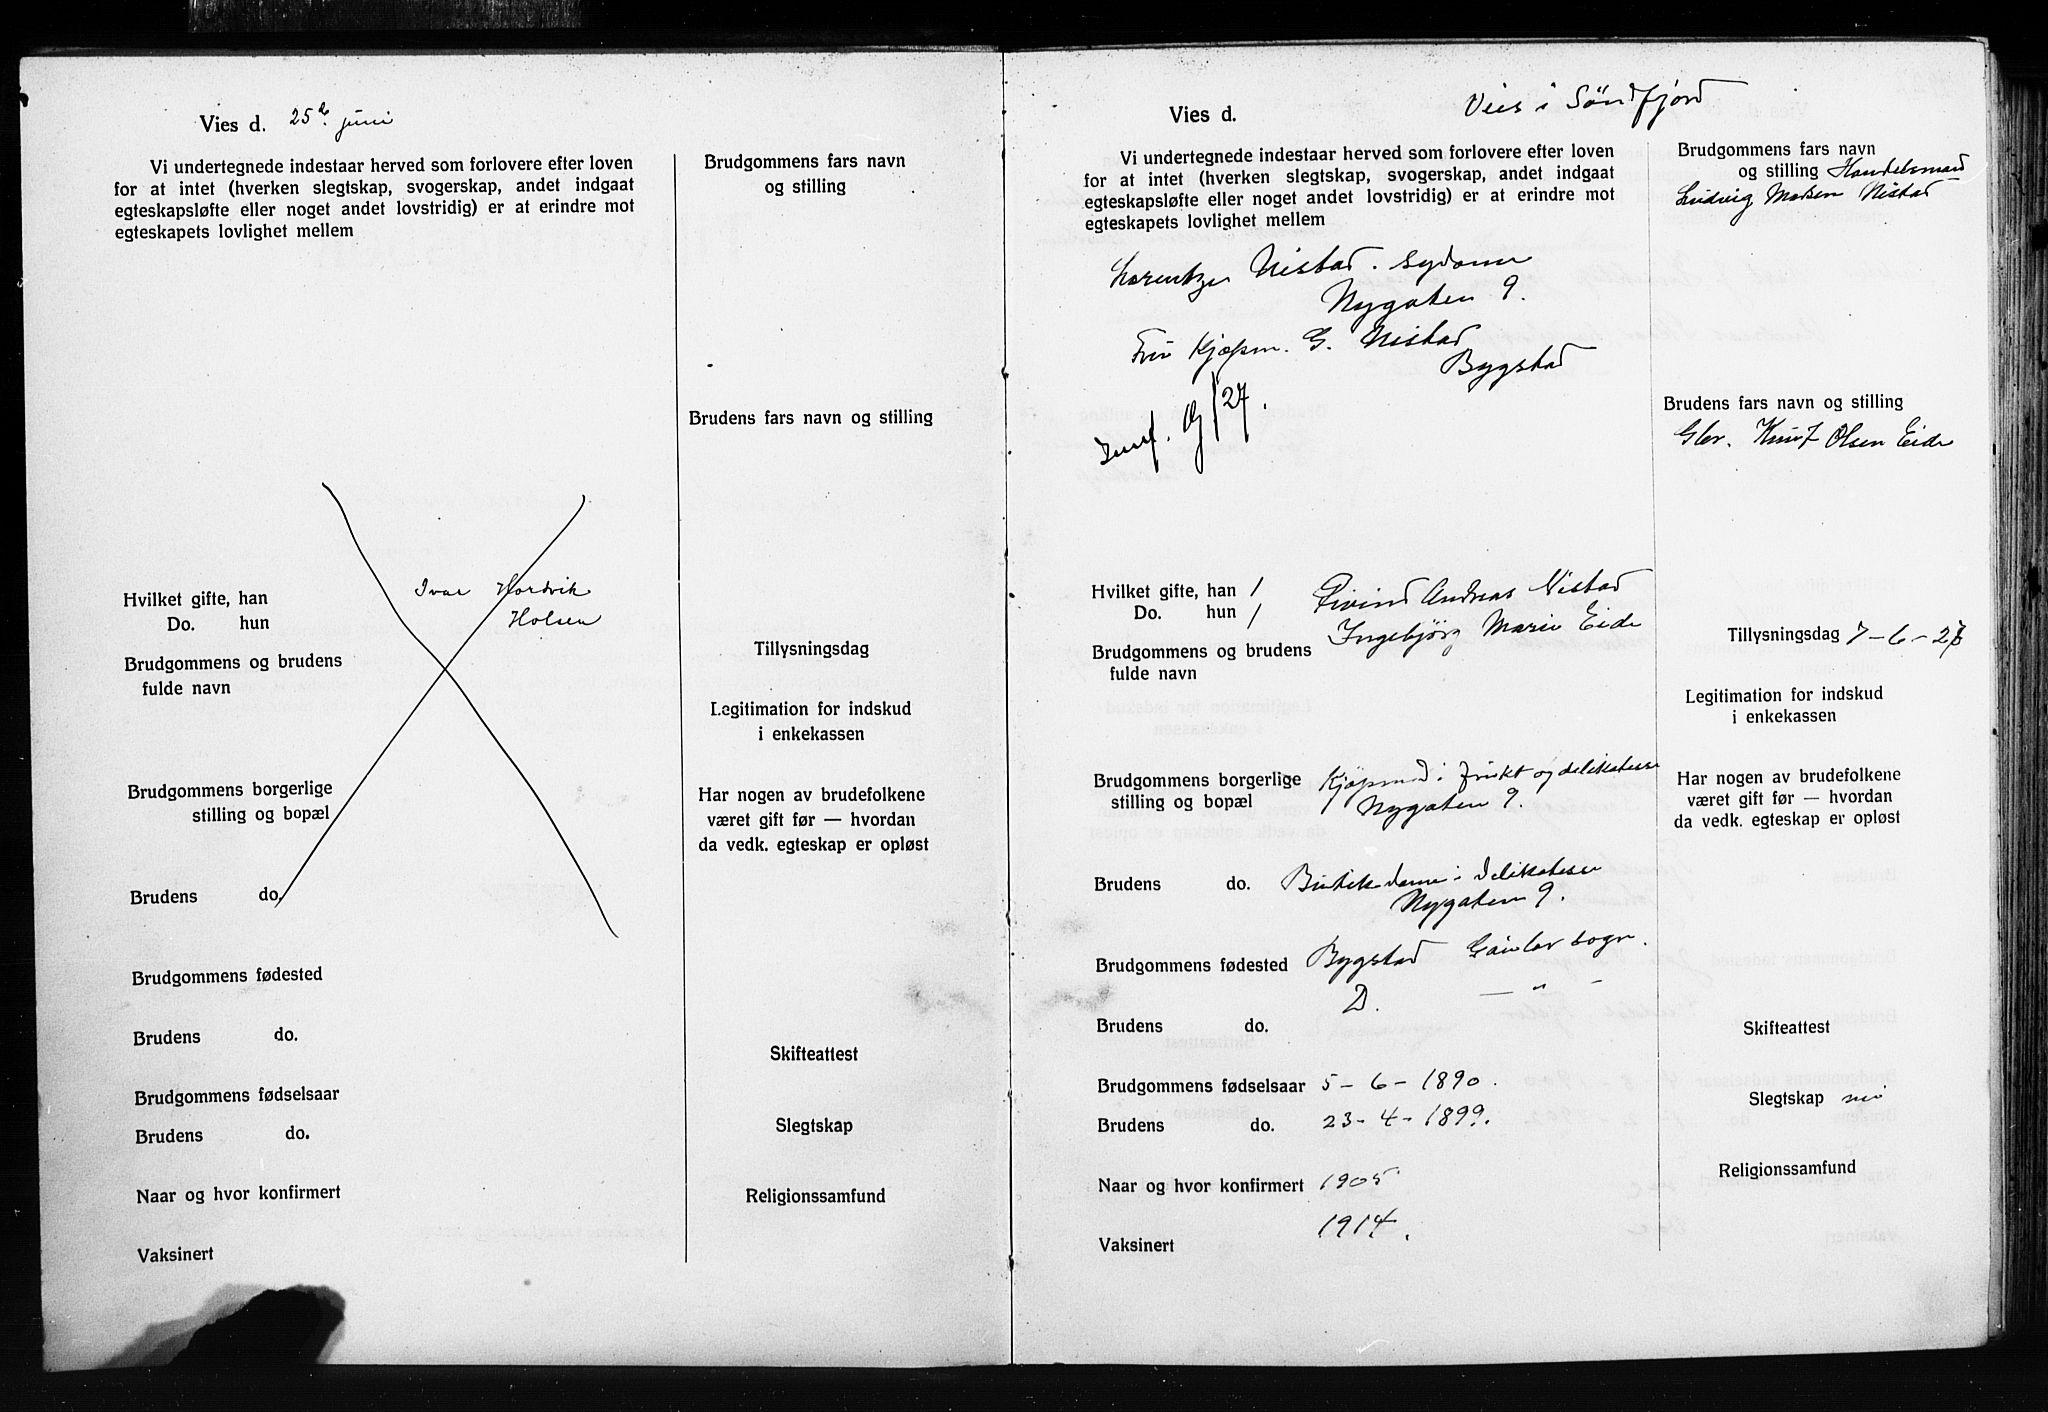 SAB, Domkirken Sokneprestembete, Forlovererklæringer nr. II.5.15, 1927-1932, s. 2